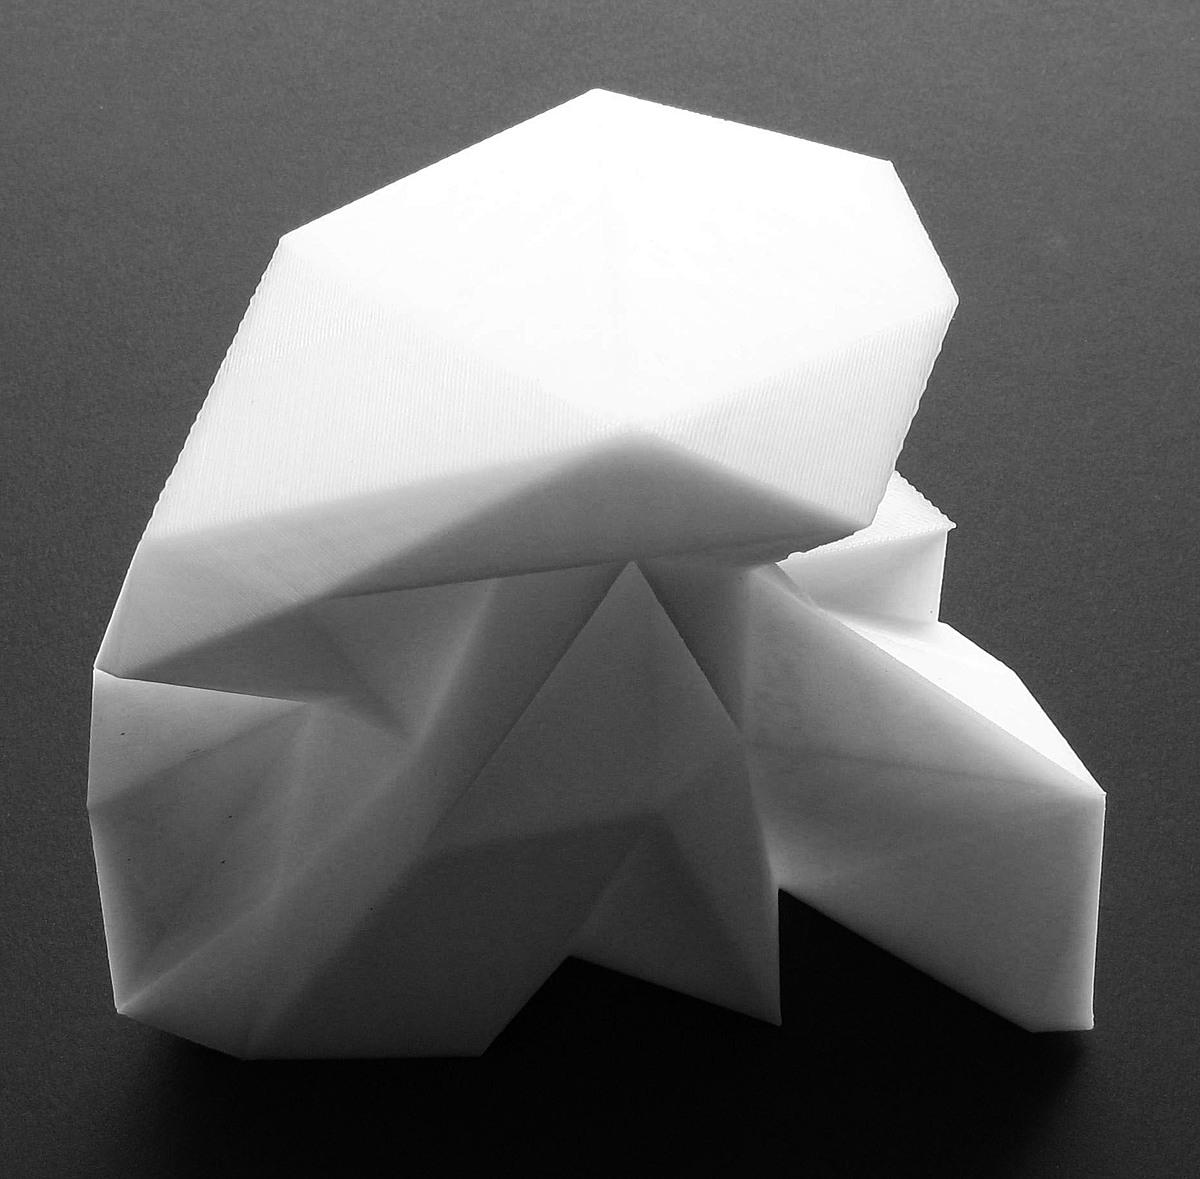 Final 3D printed Model